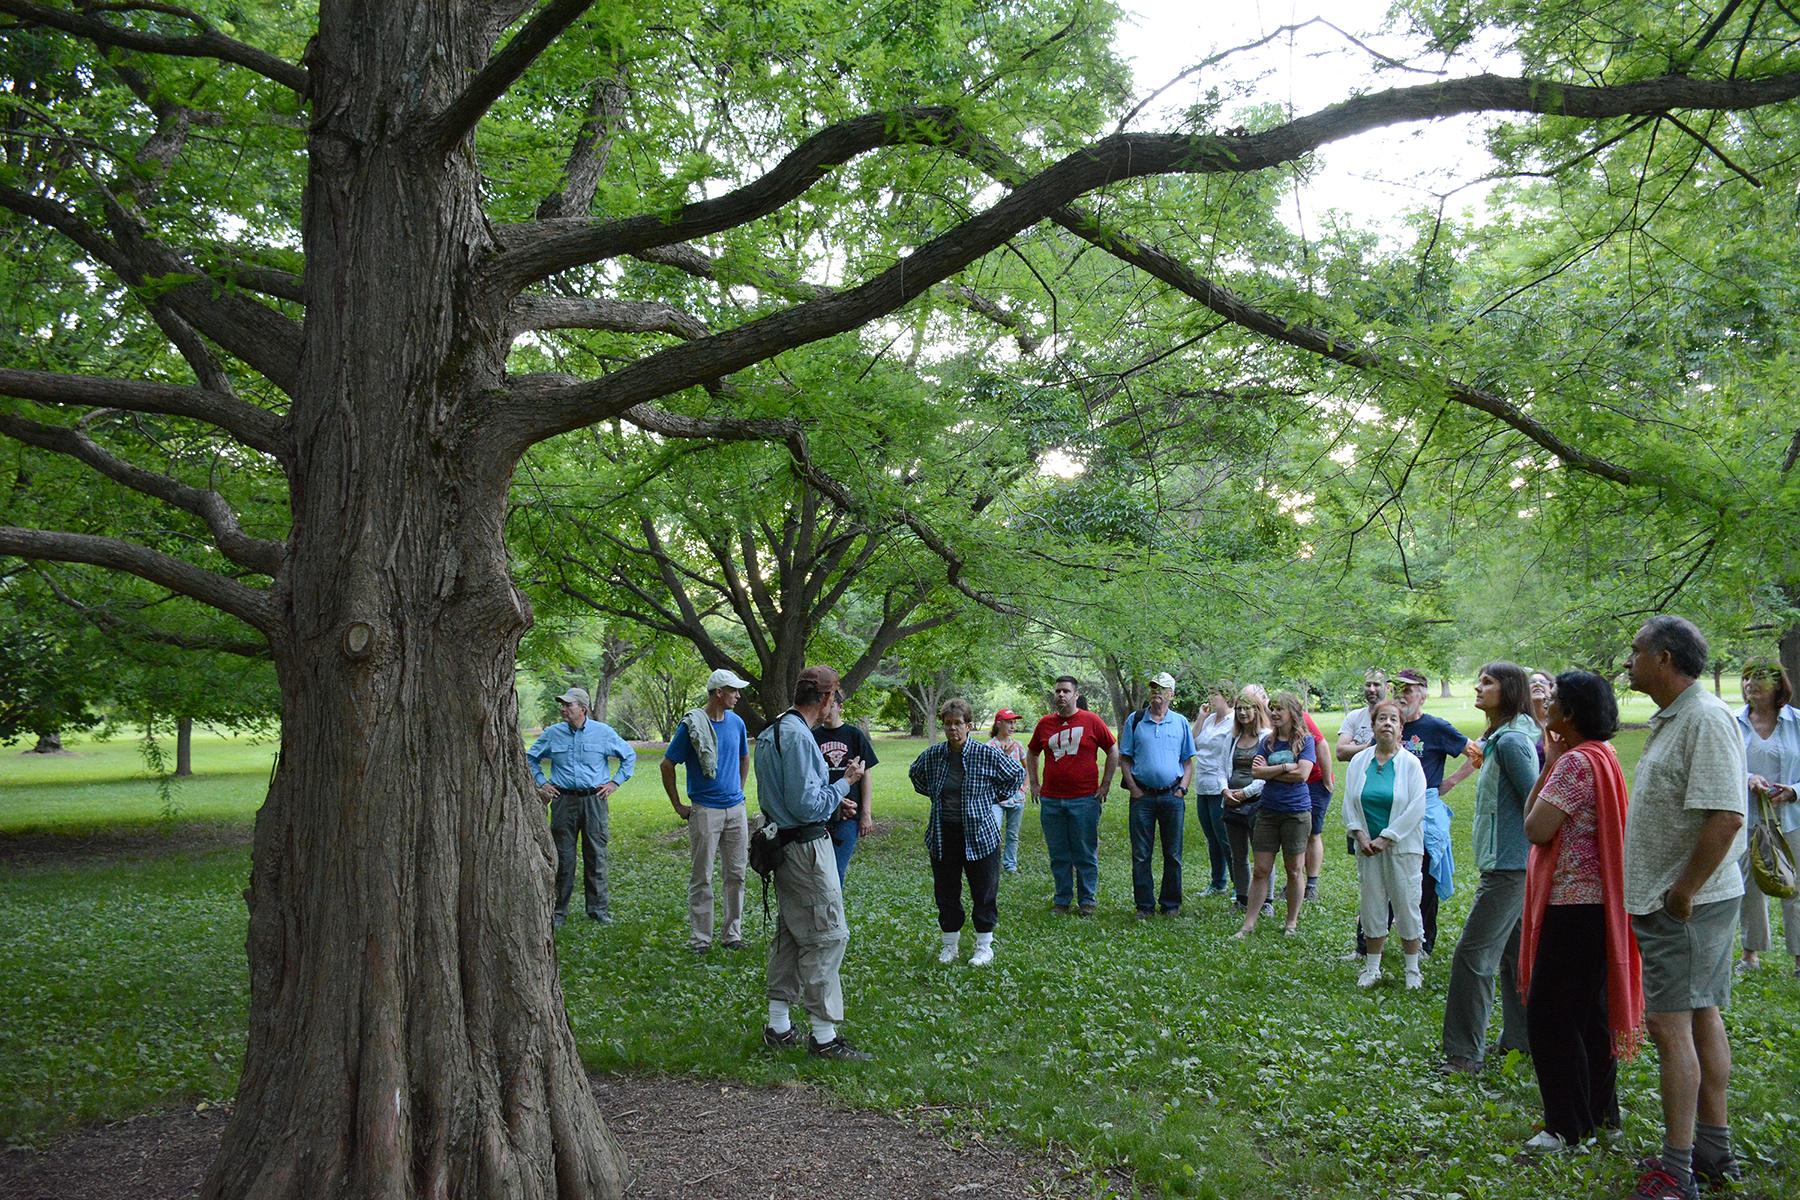 2016-06-20-nature-arboretum5